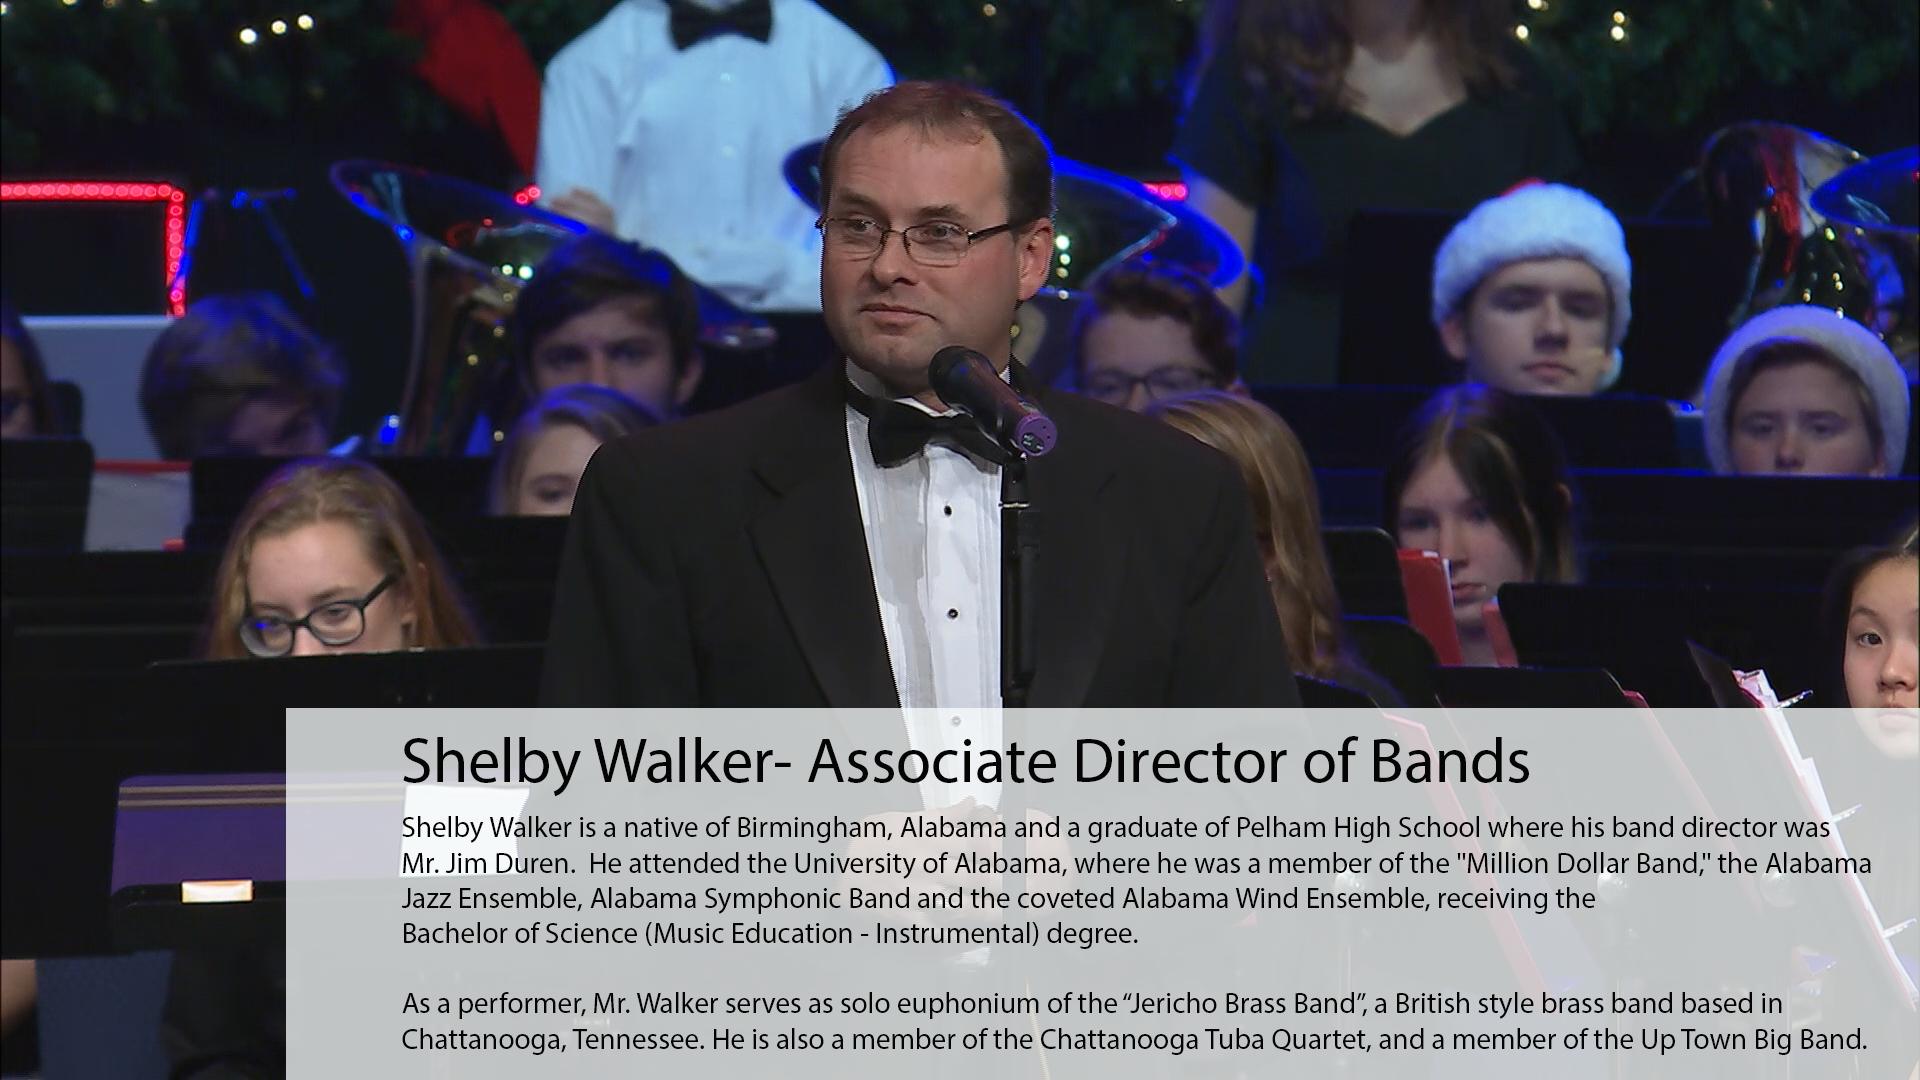 Shelby Walker